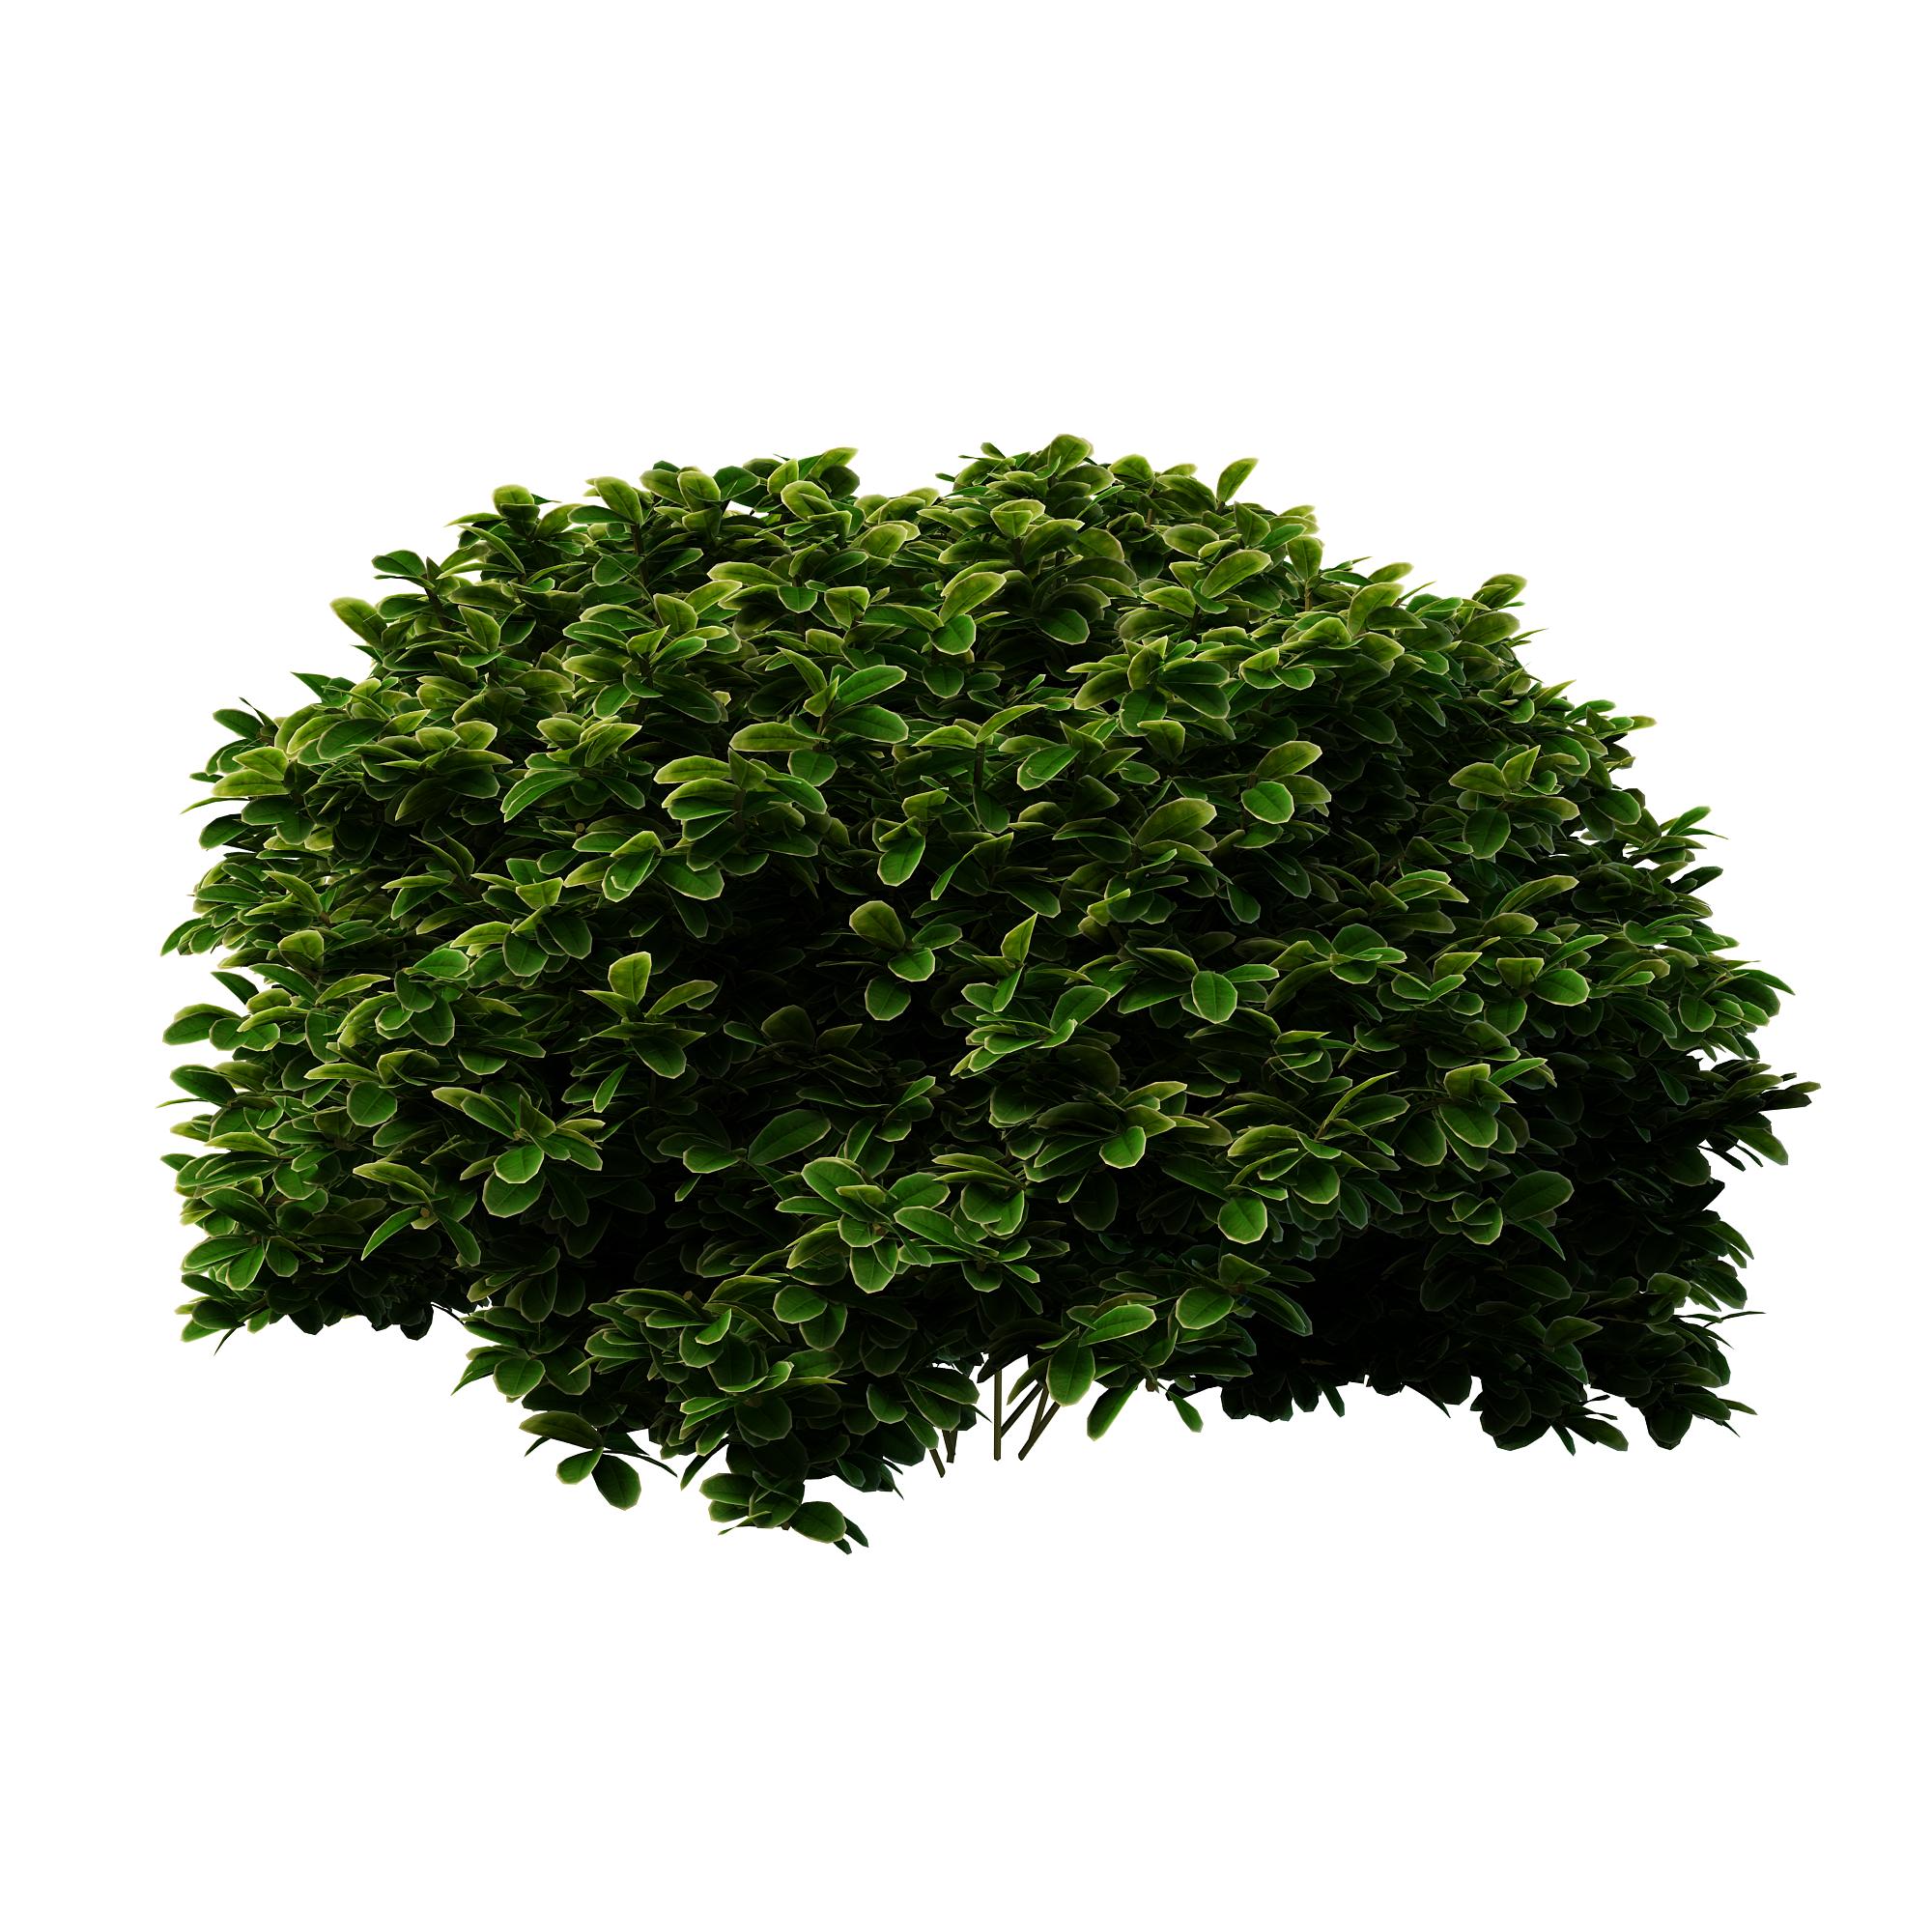 Shrubs bush Png #42049.